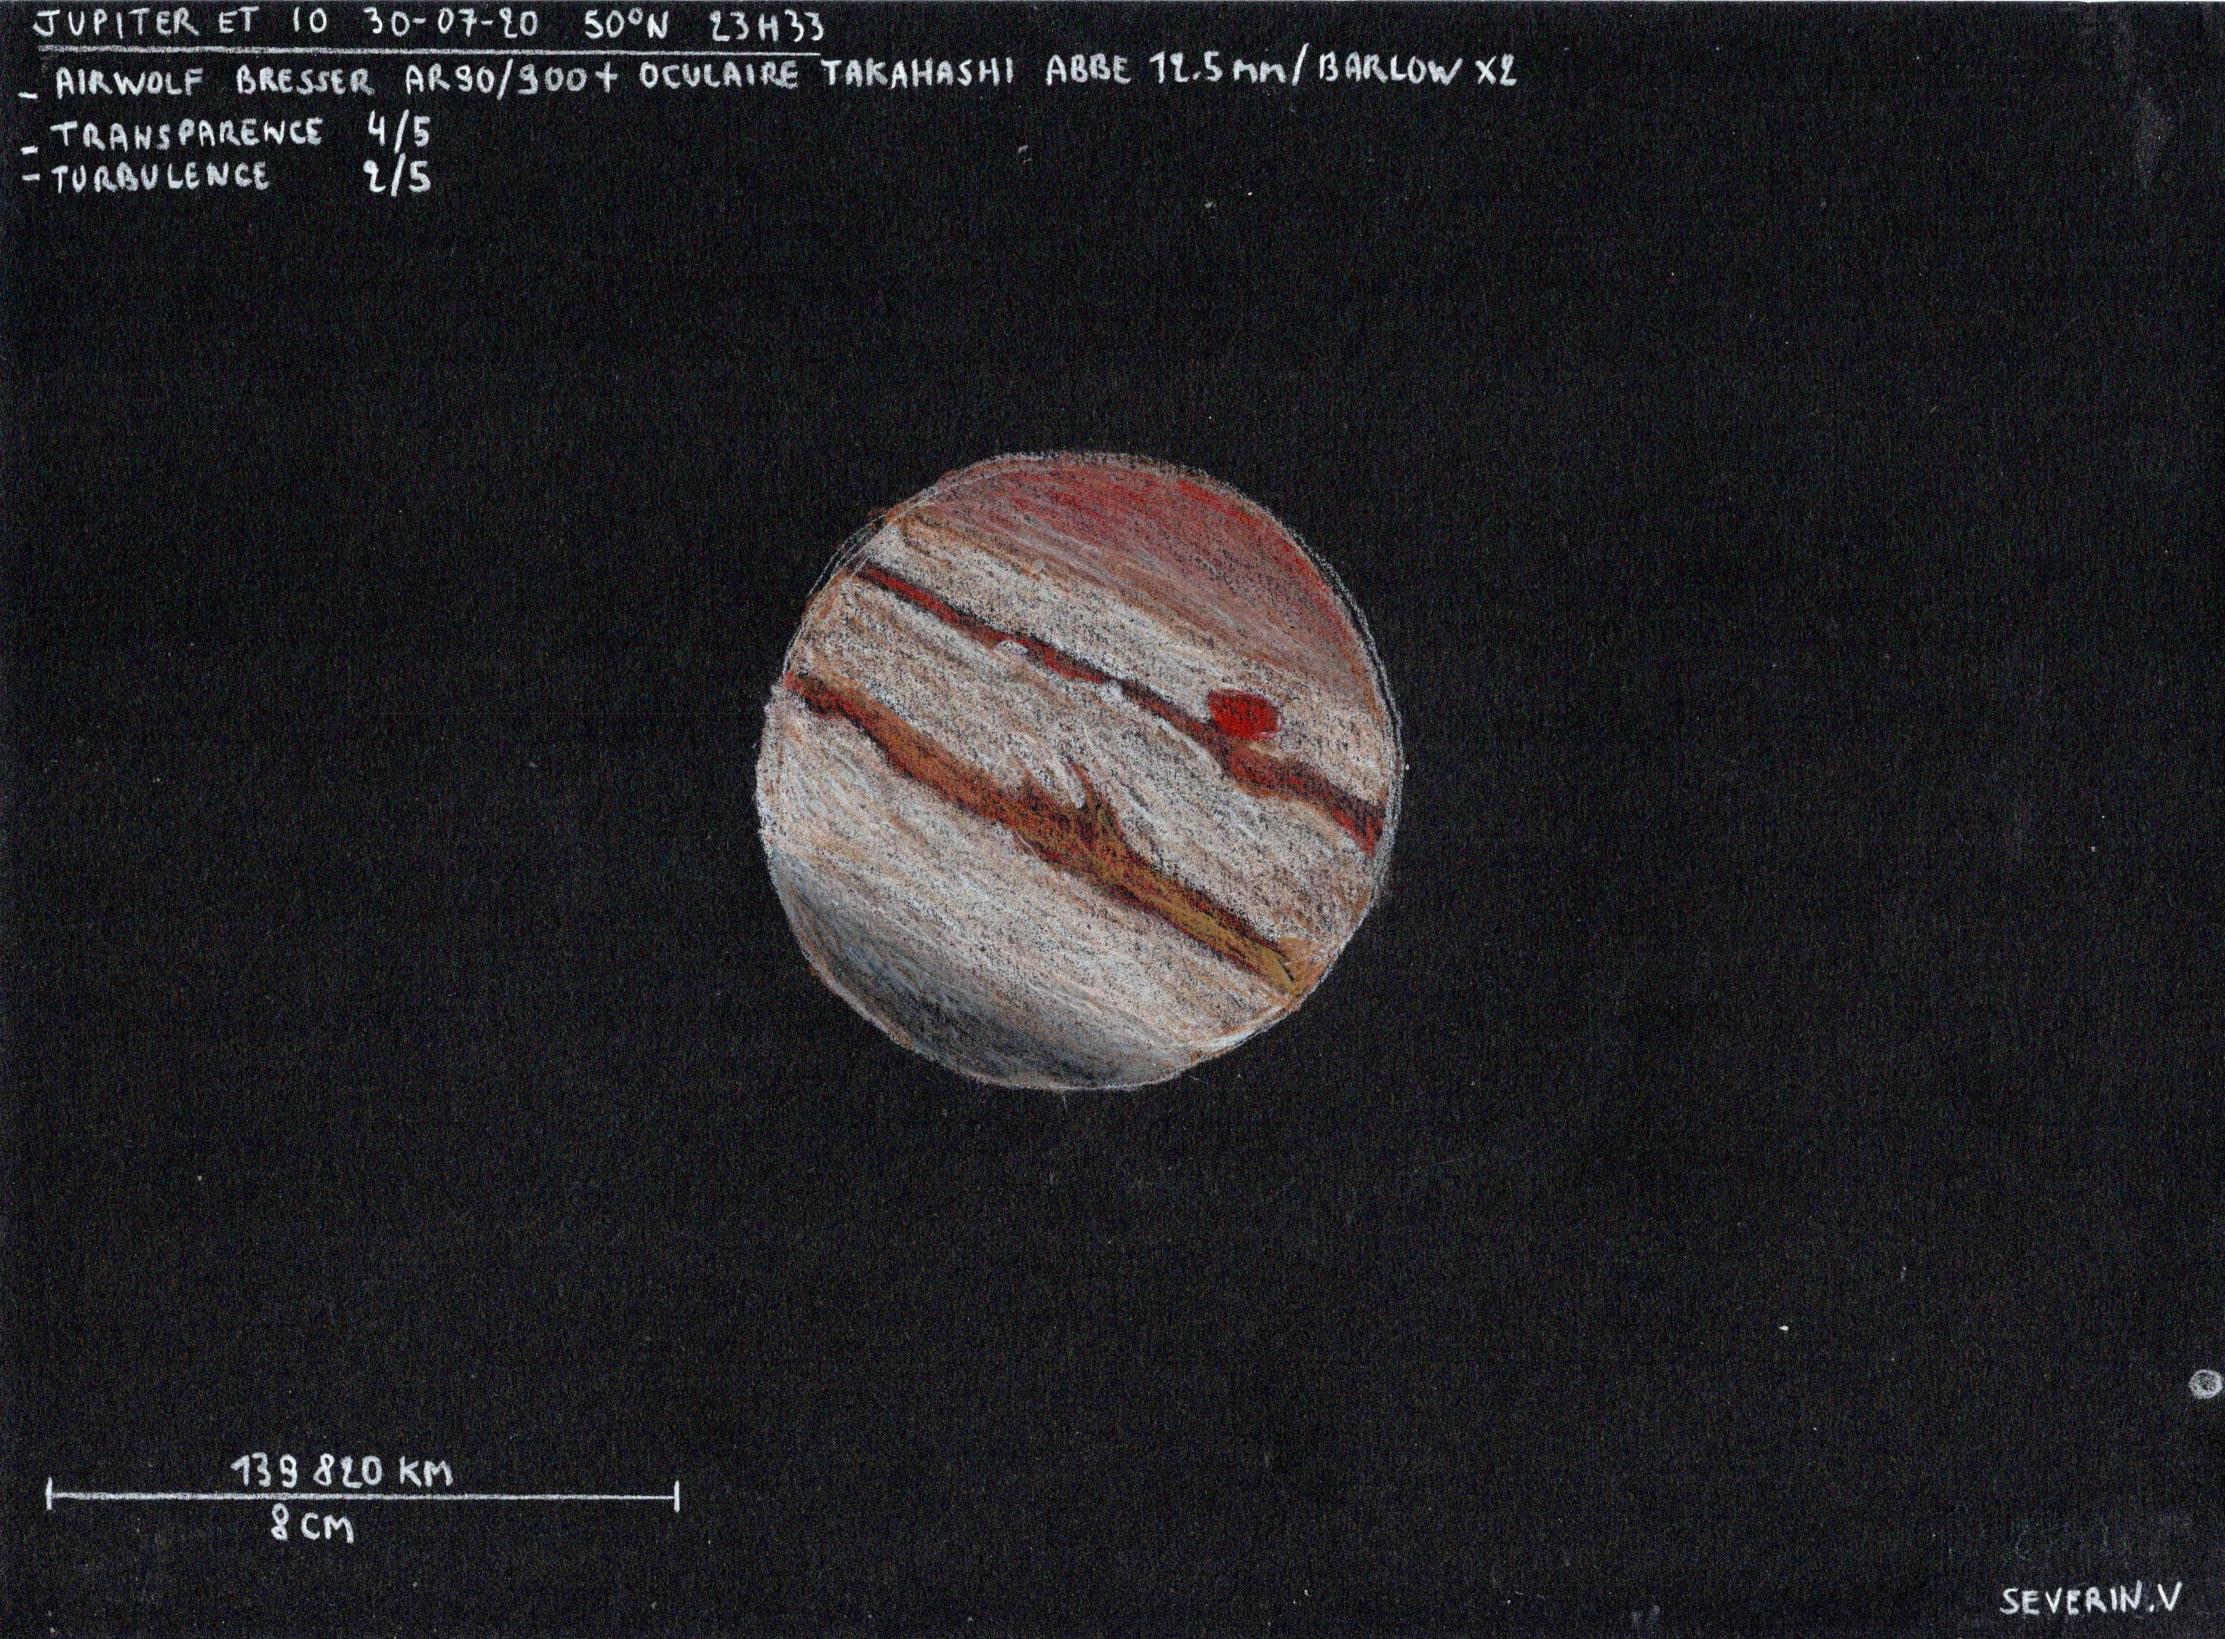 JUPITER-30-07-20.jpg